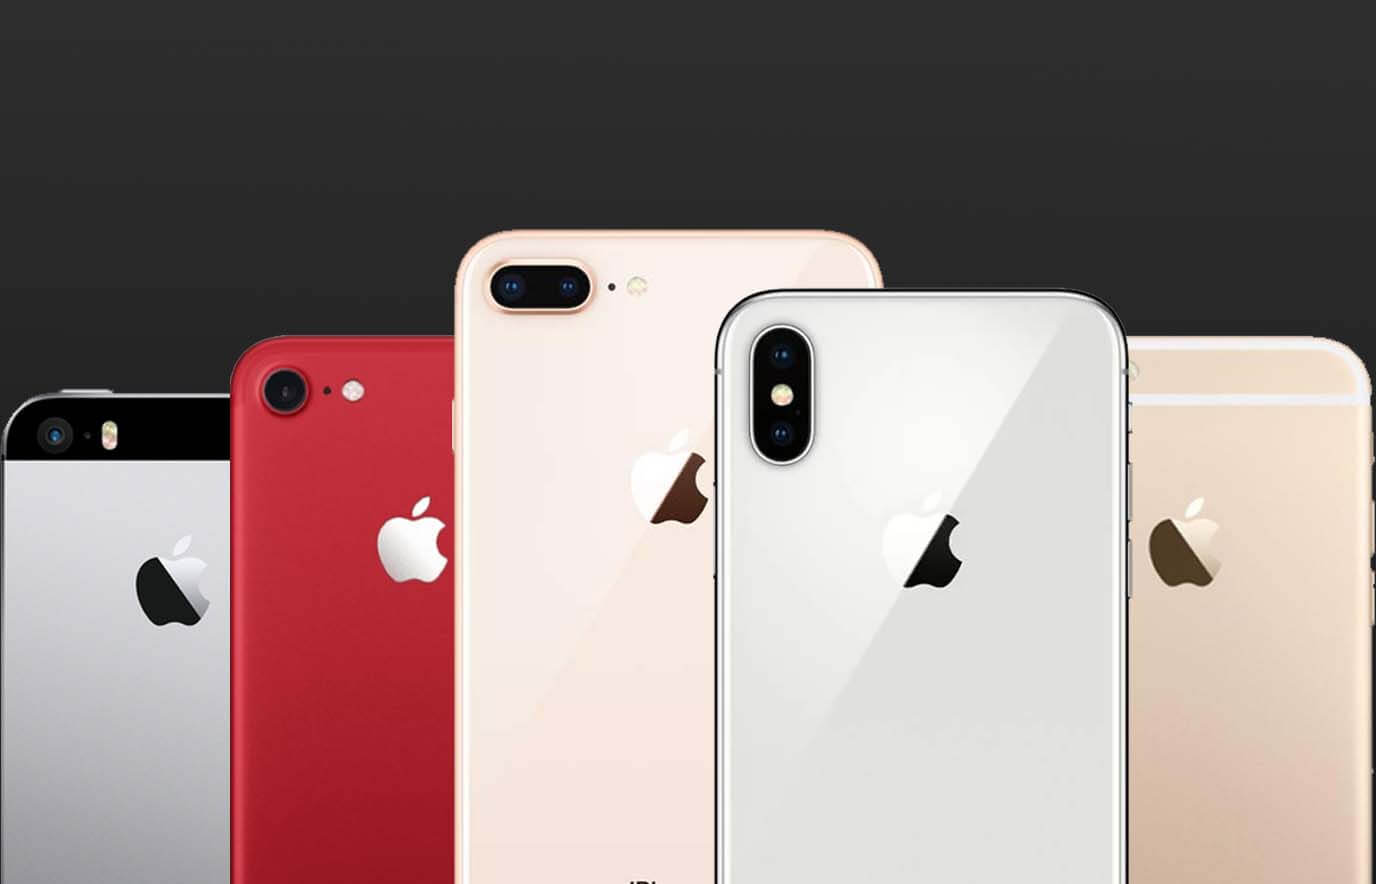 iPhone kopen? Gebruik de iPhone keuzehulp! (5 stappen)